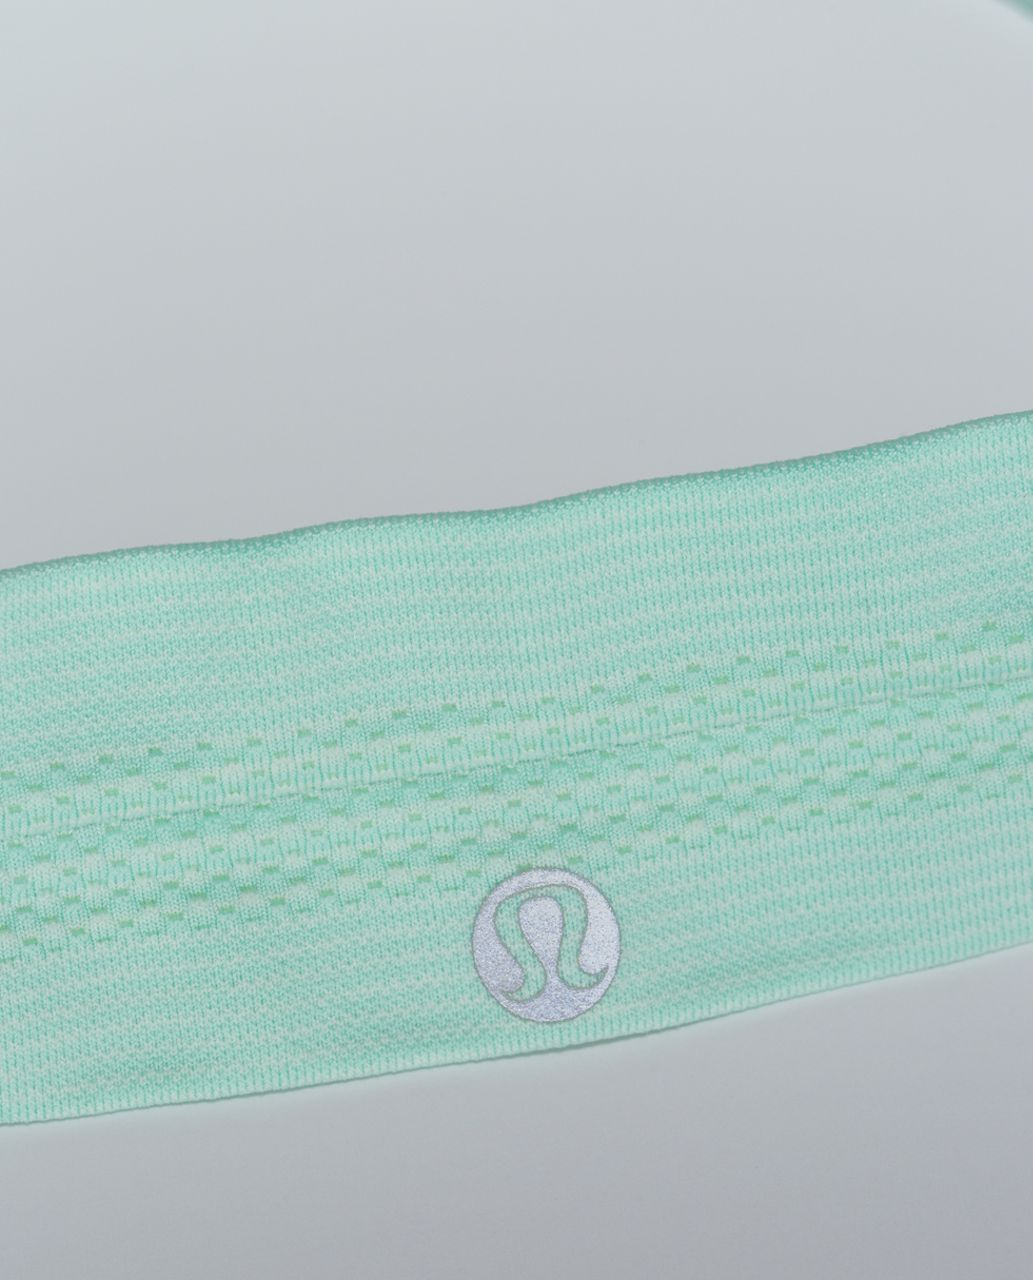 Lululemon Swiftly Headband - Heathered Toothpaste